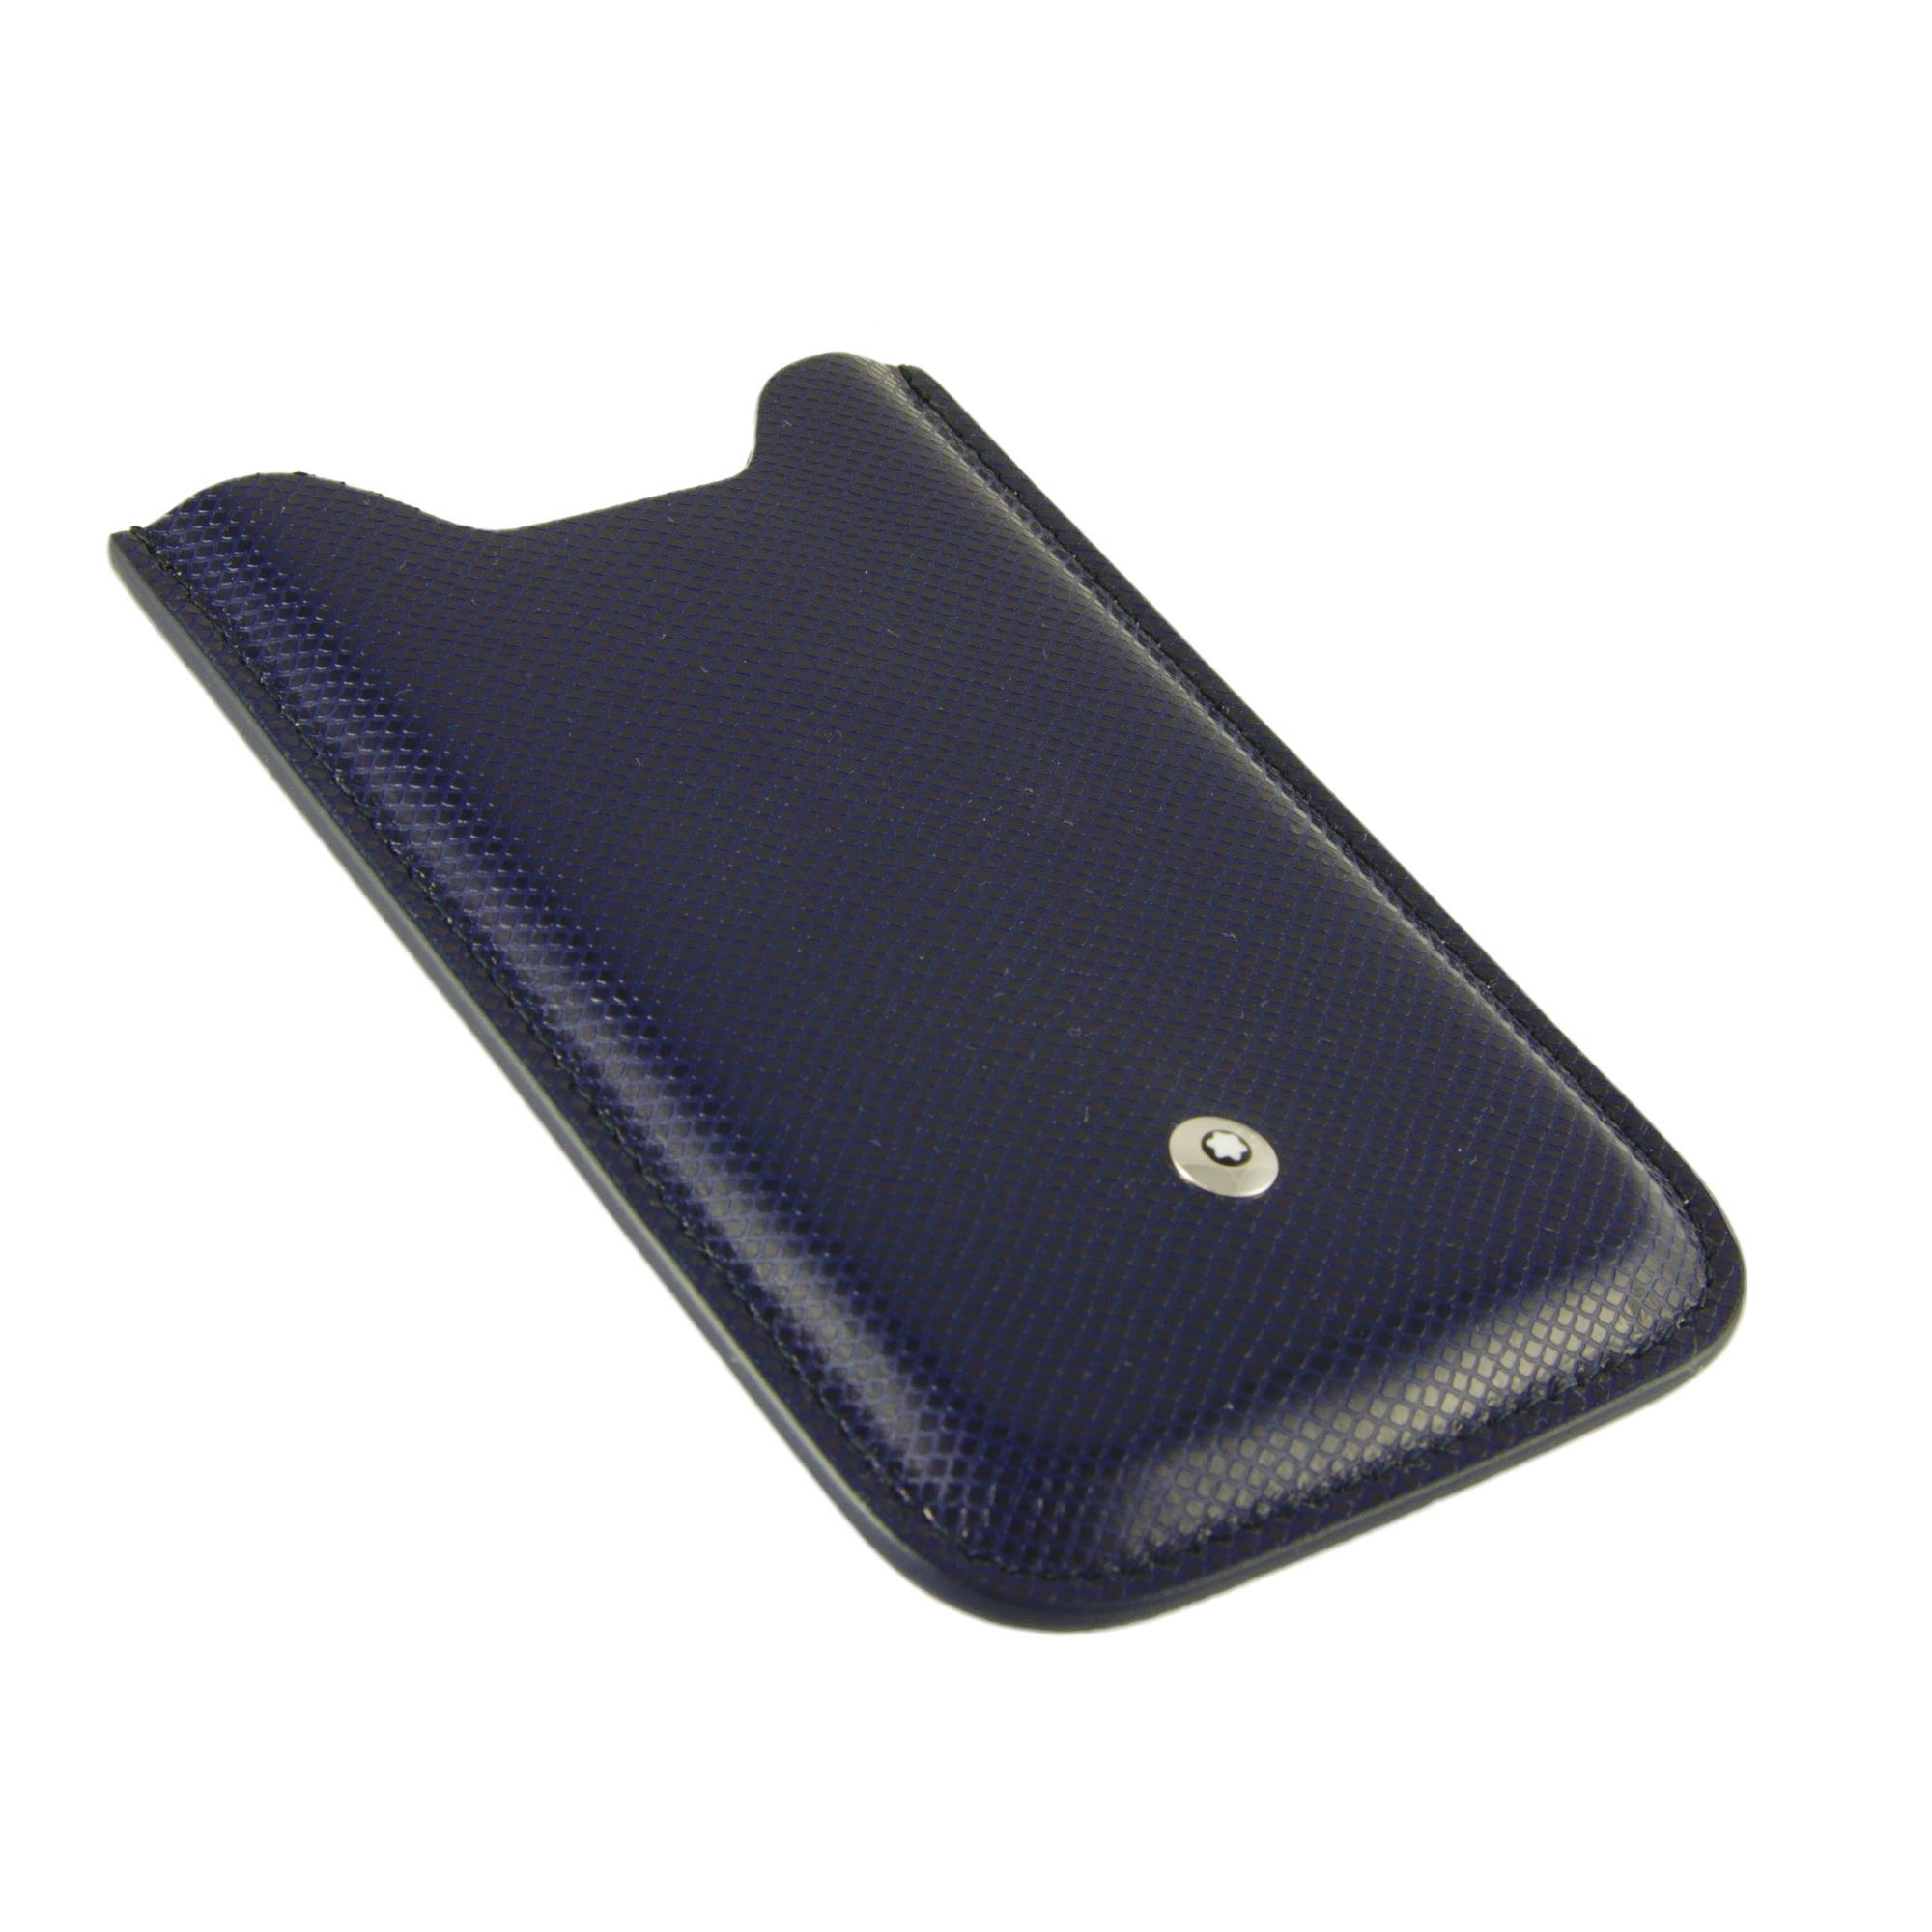 CUSTODIA PER SMARTPHONE IN PELLE BLU - MONTBLANC